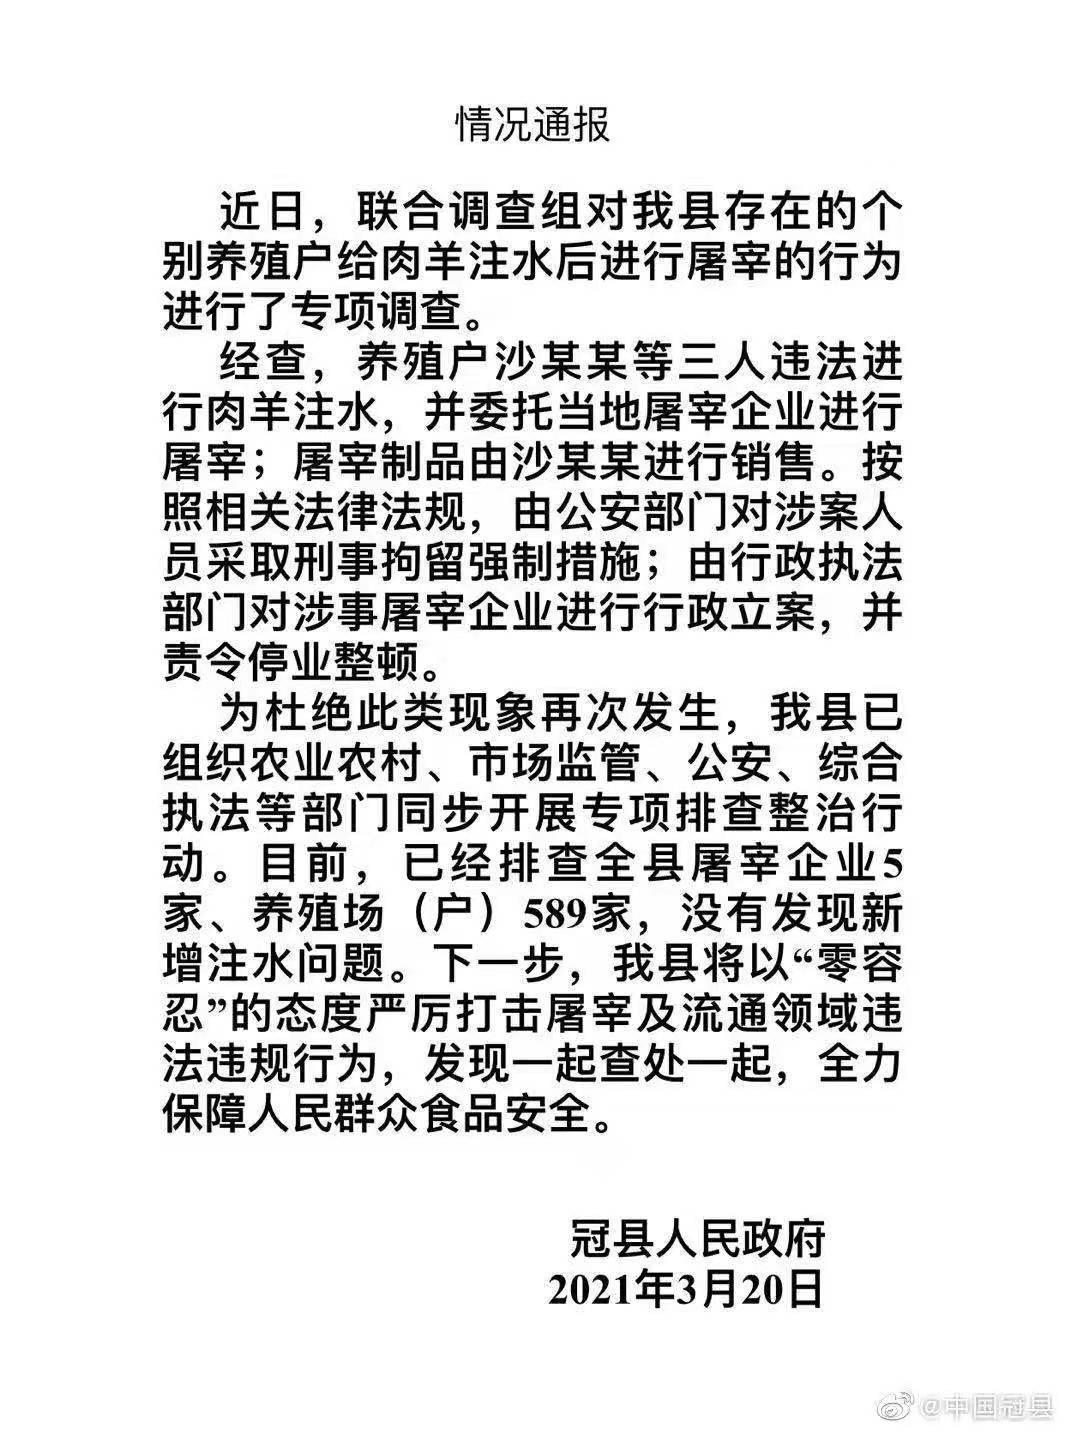 """山东冠县通报""""活羊注水""""事件处理情况:3人被捕,屠宰企业停业整顿"""